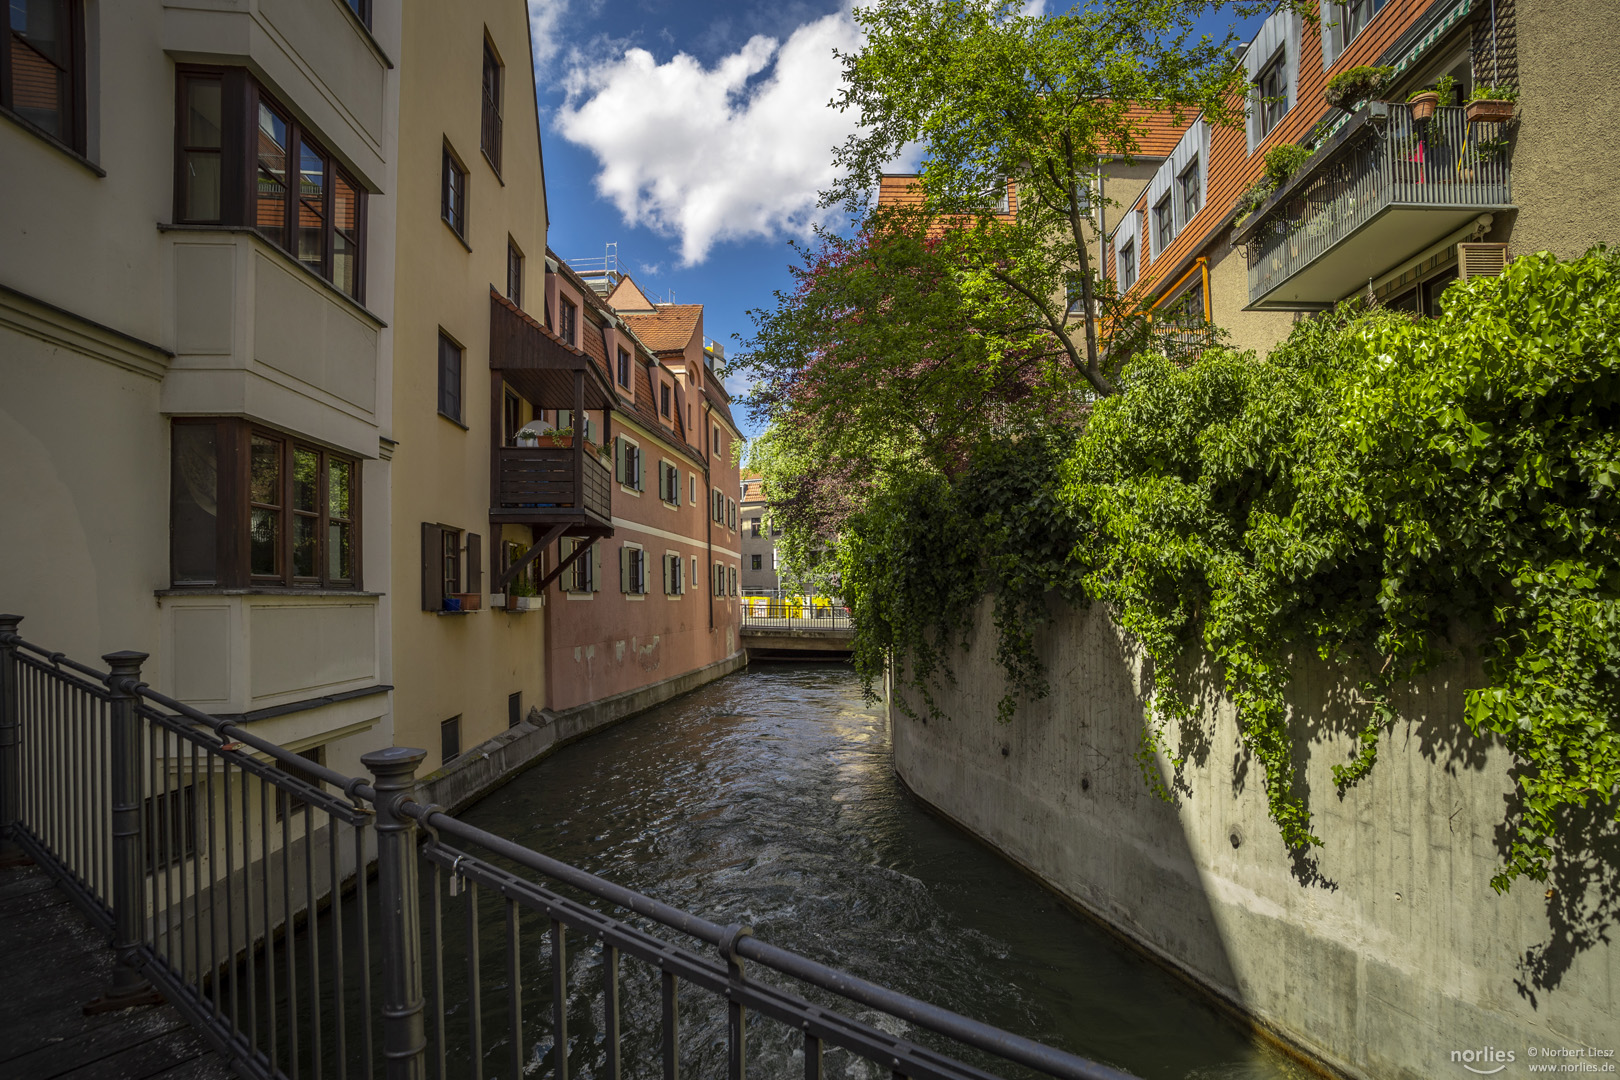 Am Kanal in der Altstadt